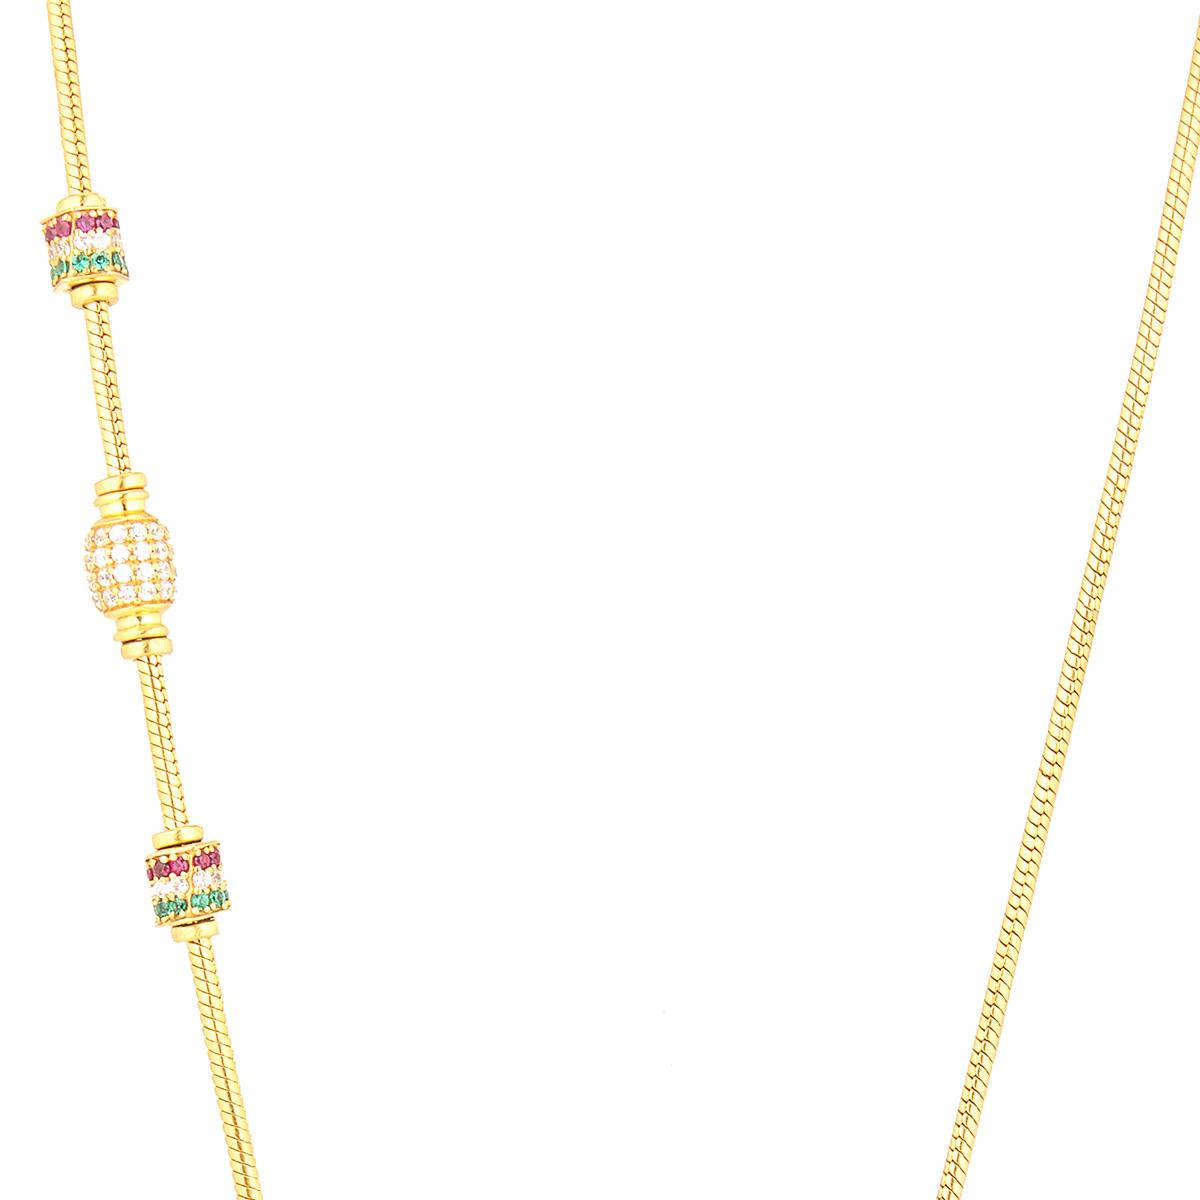 Prettiest Mugappu Chain